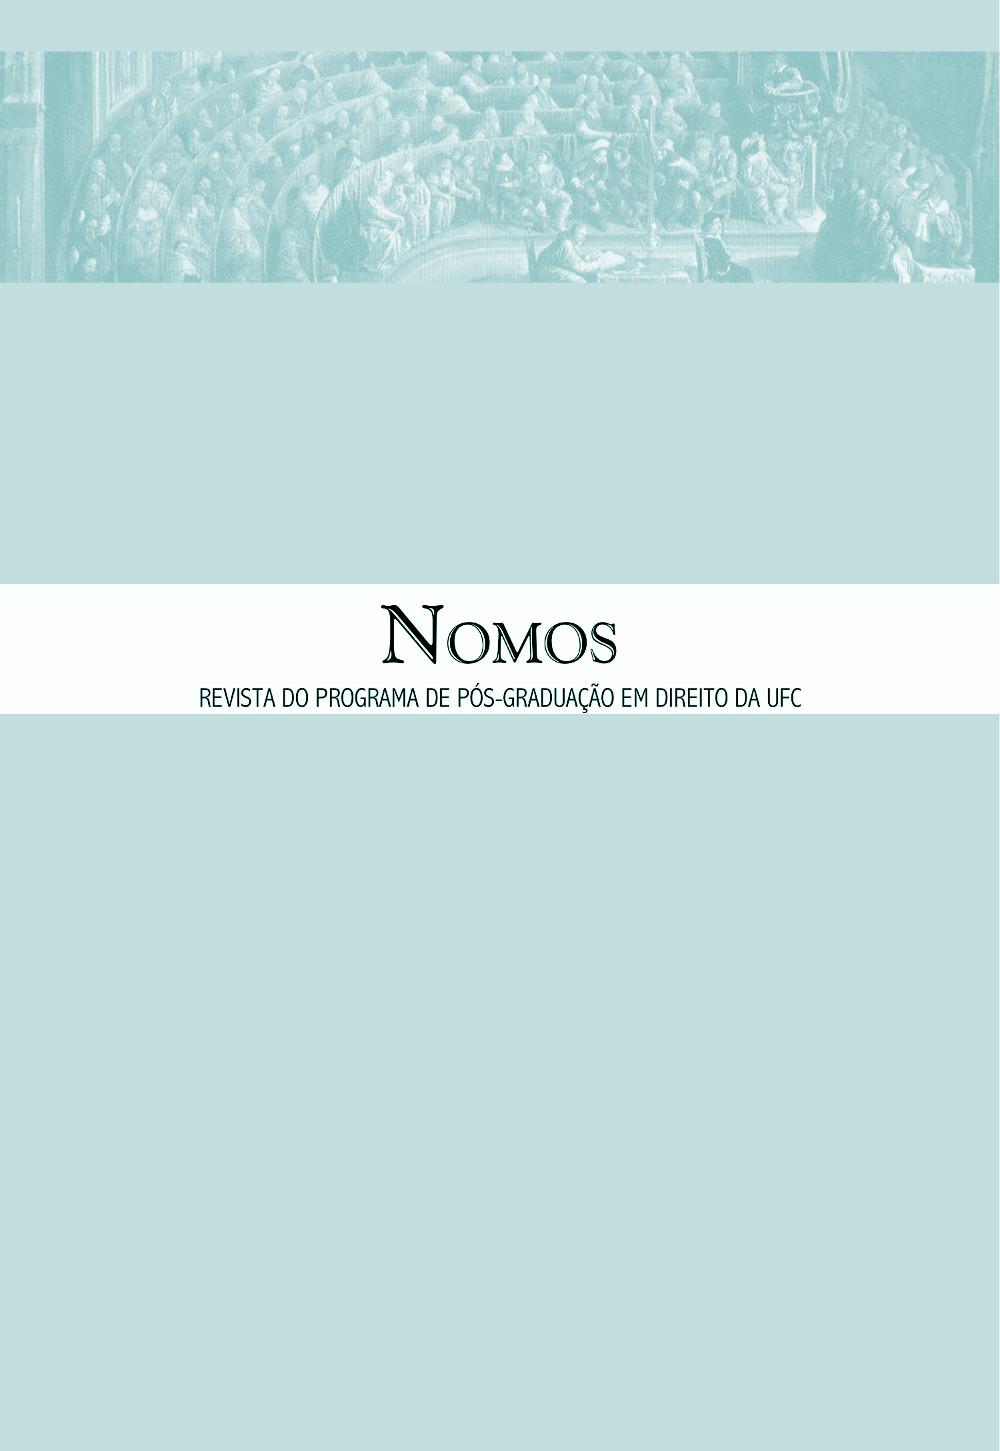 Nomos, volume 32, número 2, julho a dezembro de 2012